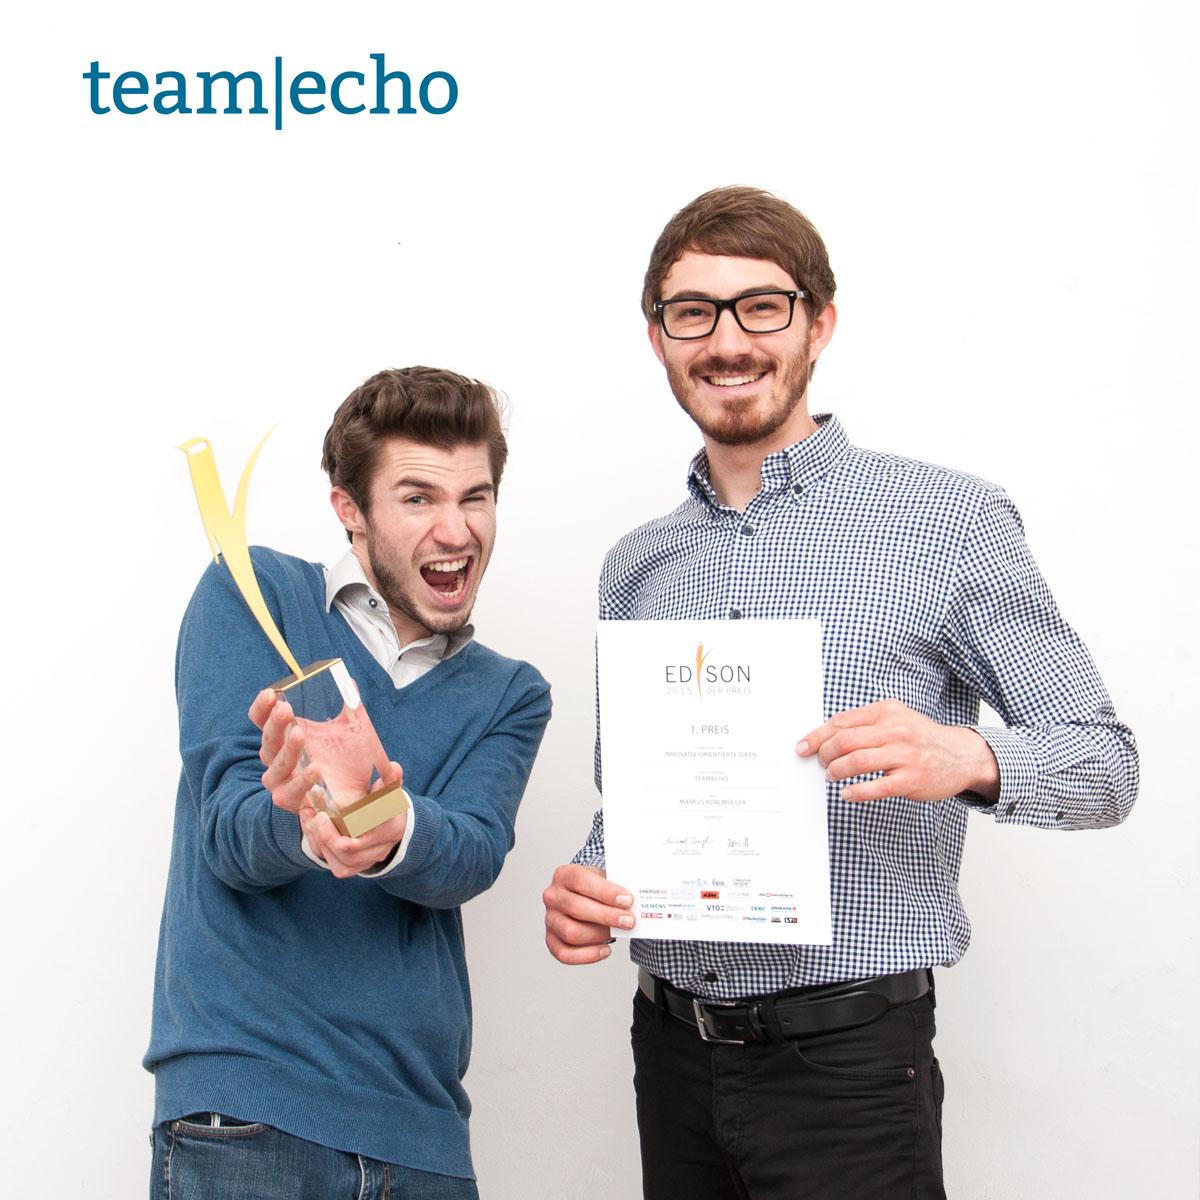 copyright TeamEcho GmbH  l.: TeamEcho-Mitgründer David Schellander, r.: TeamEcho-Mitgründer Markus Koblmüller